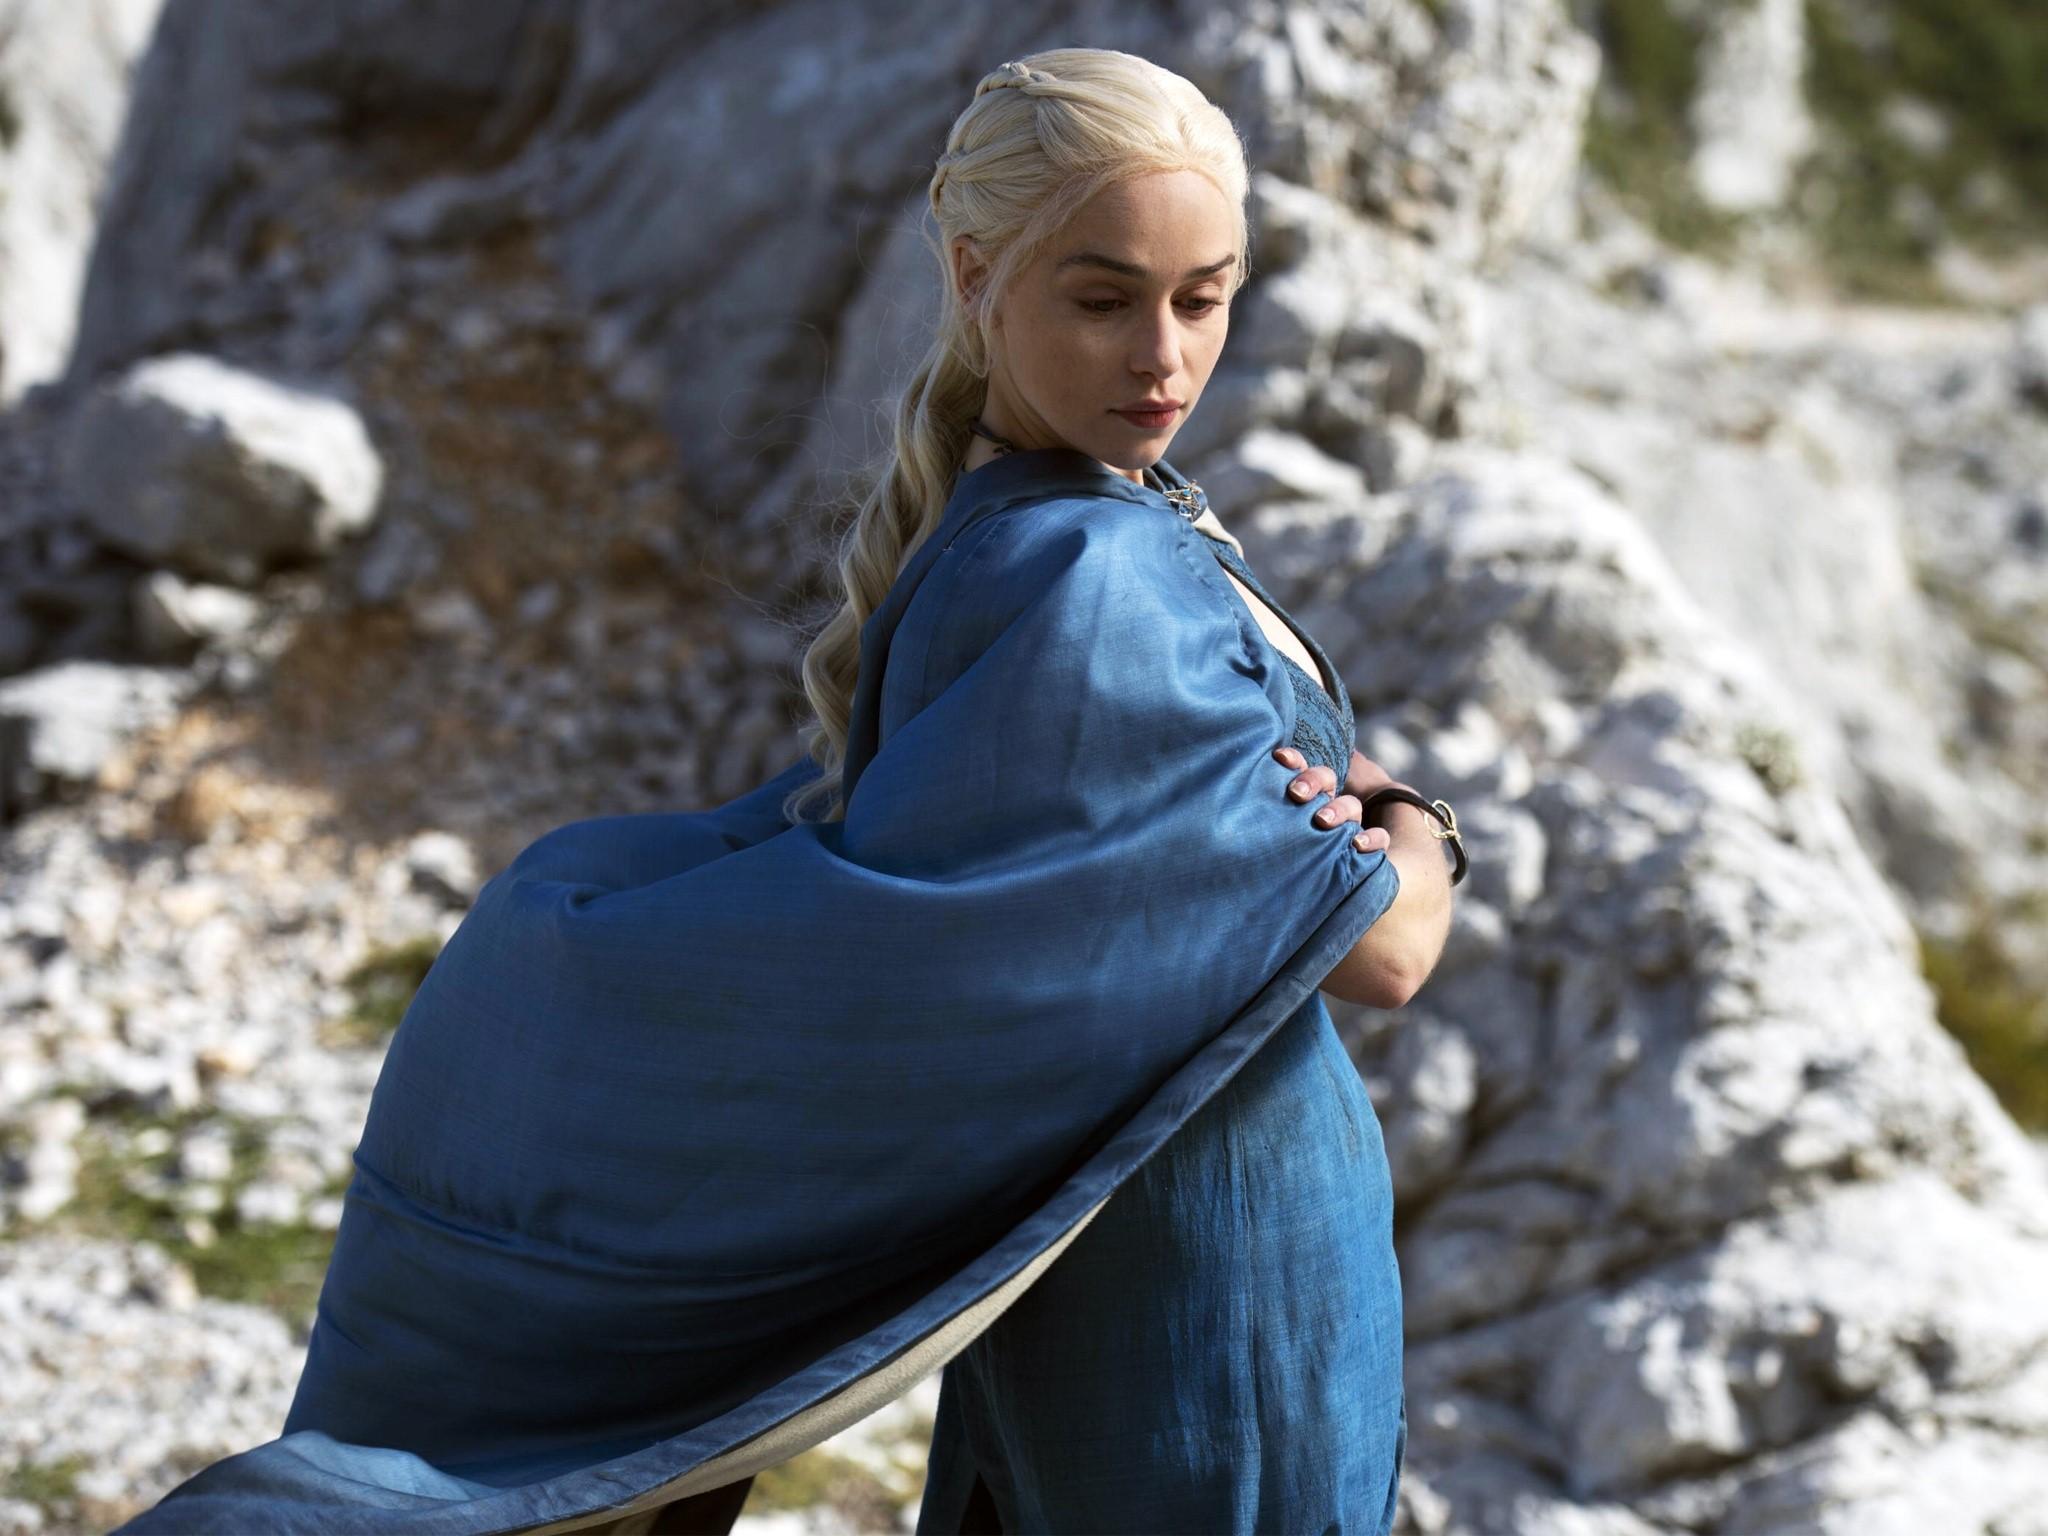 Fondos de pantalla Daenerys Targaryen en Juego de Tronos